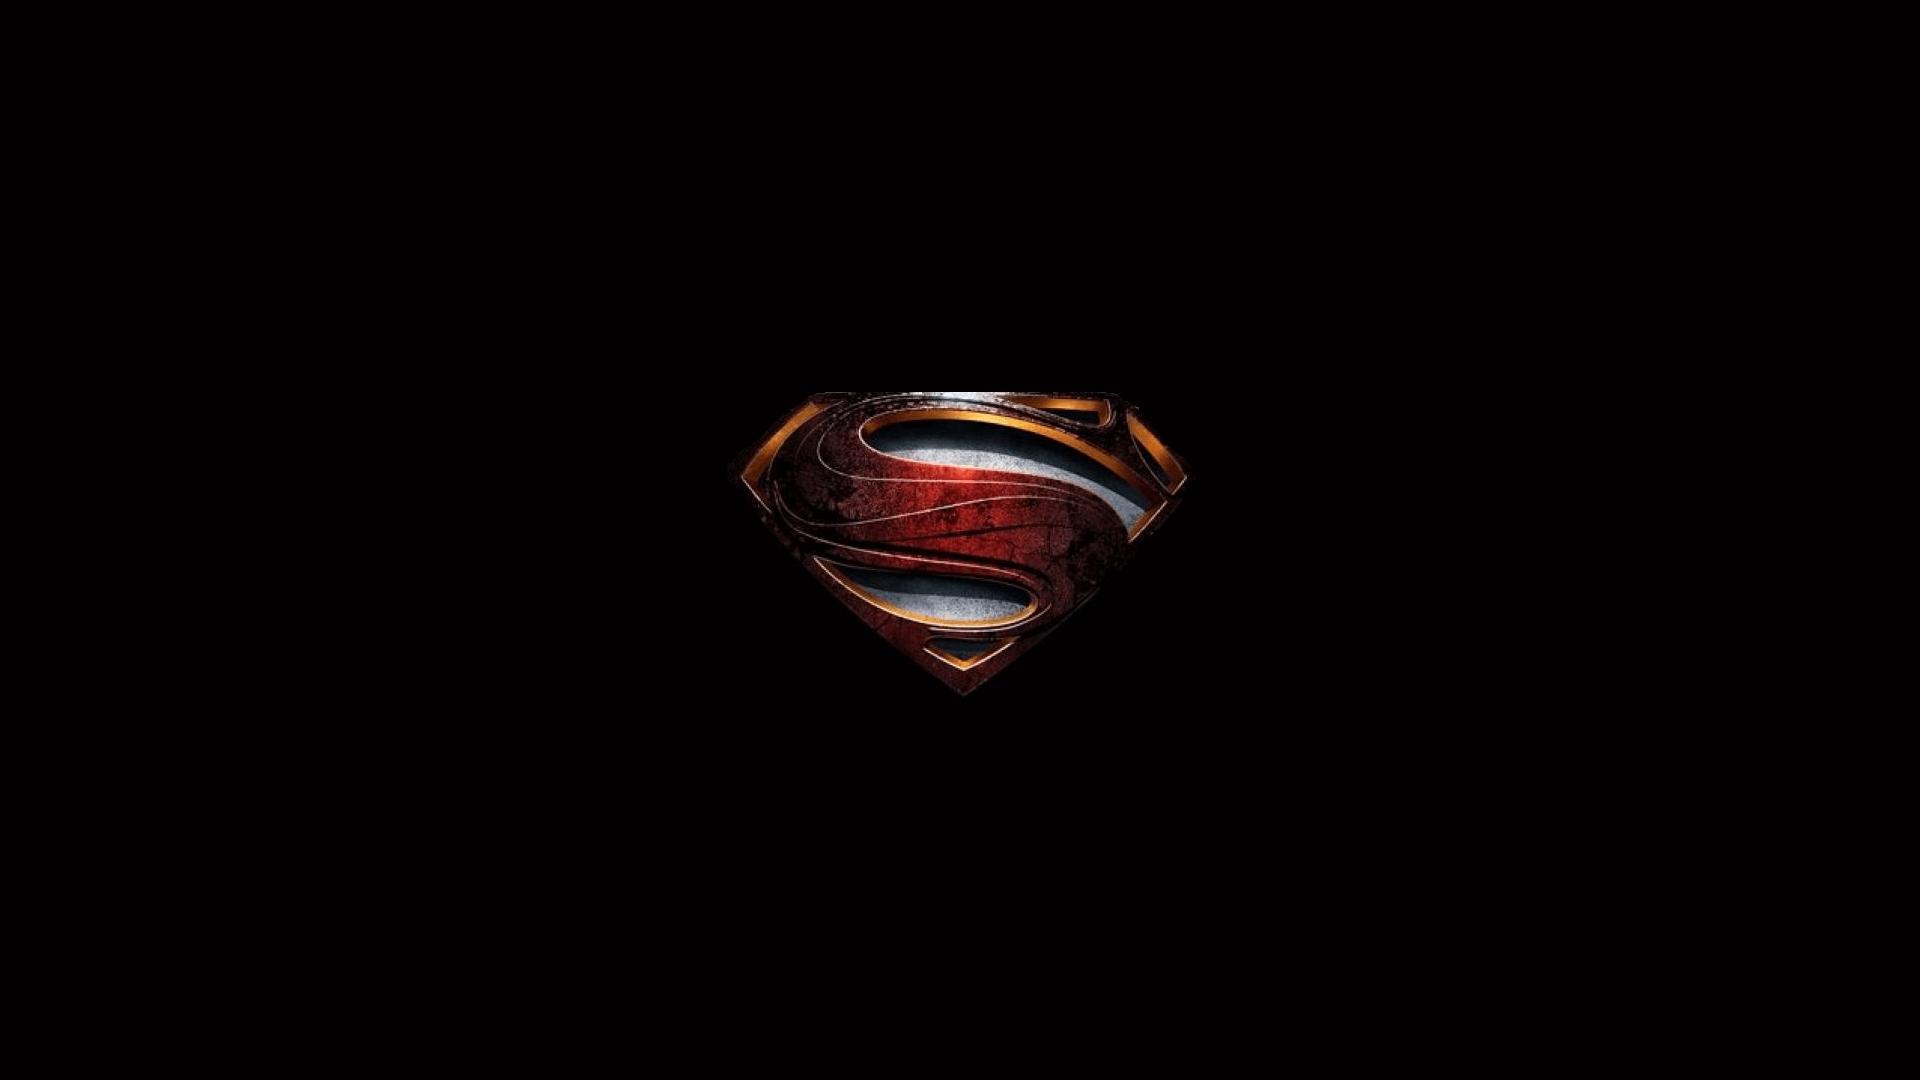 Superhero Logos Wallpapers - Wallpaper Cave